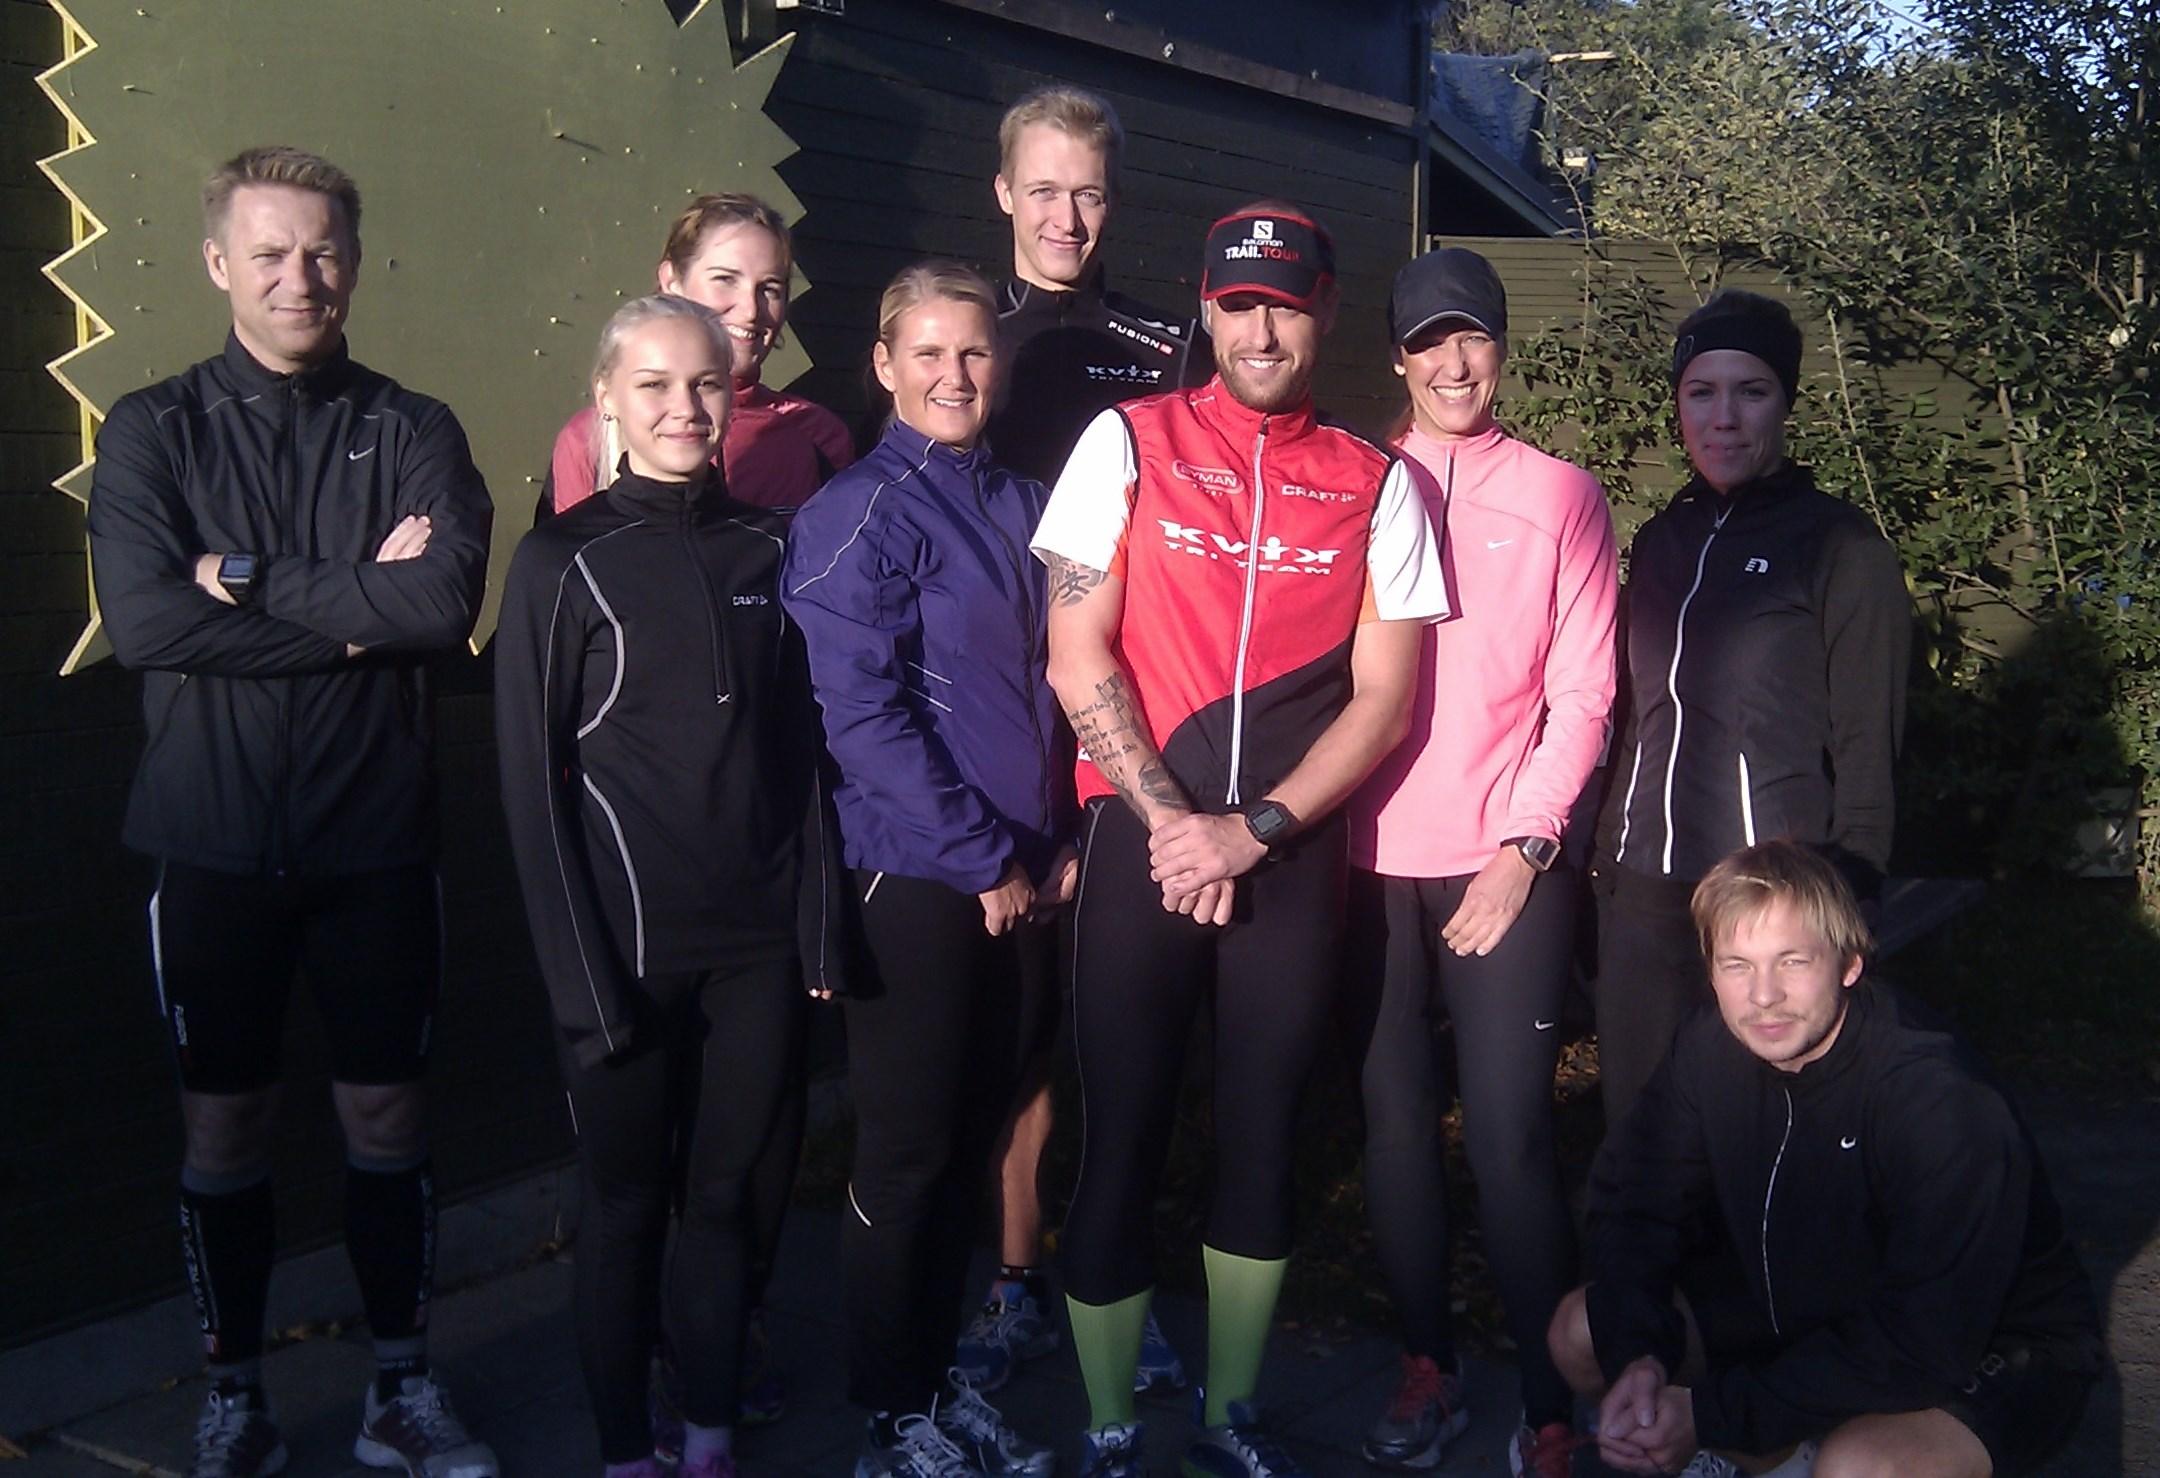 KVIK TRI TEAMs løbetræning giver styrke, hurtighed og godt humør